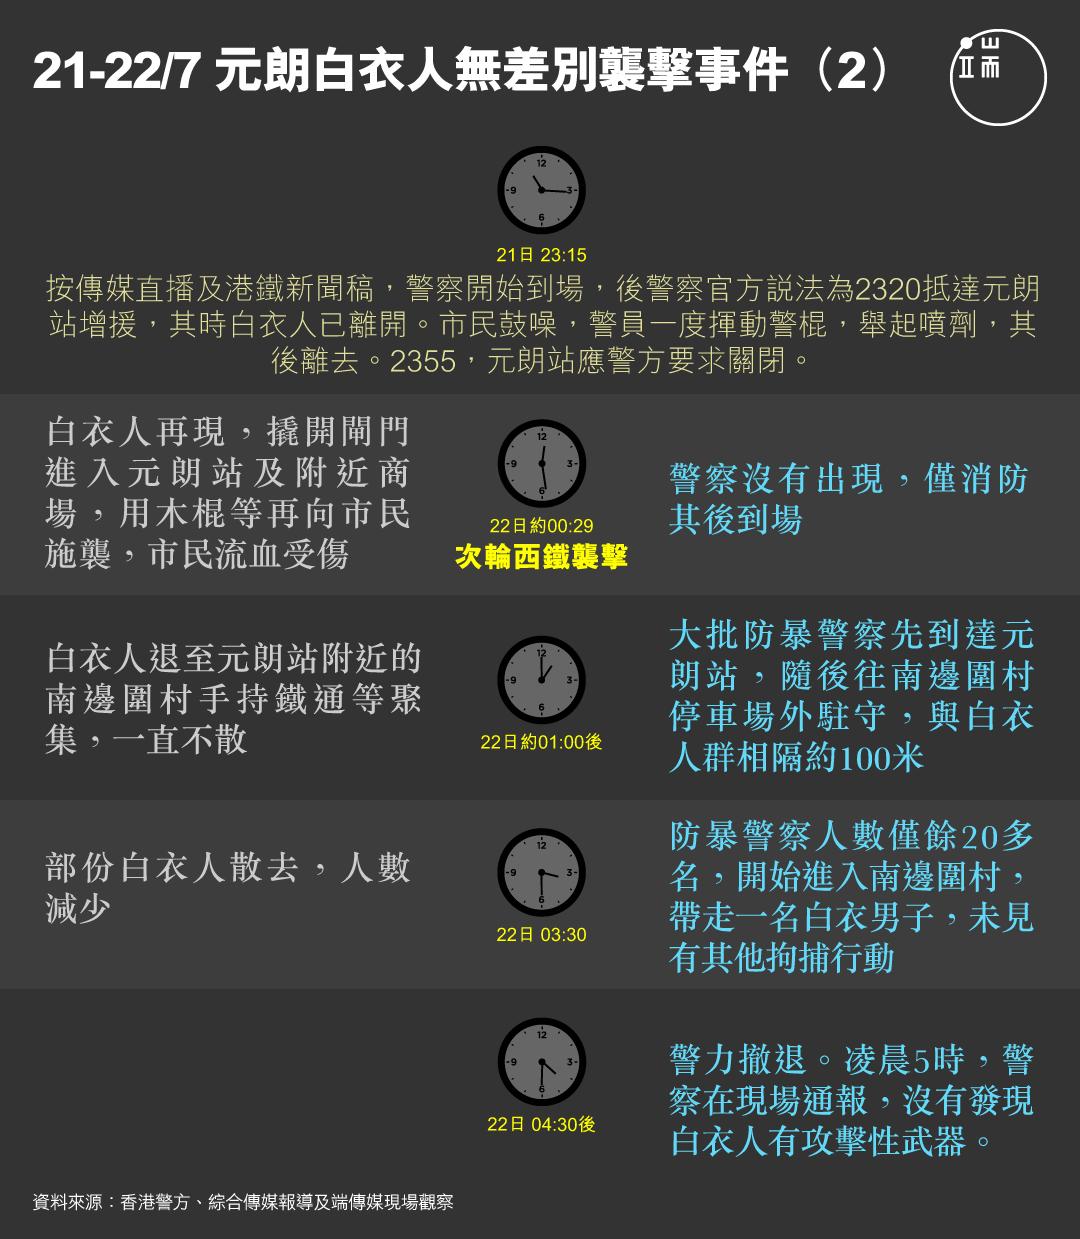 元朗白衣人無差別襲擊事件圖(2)